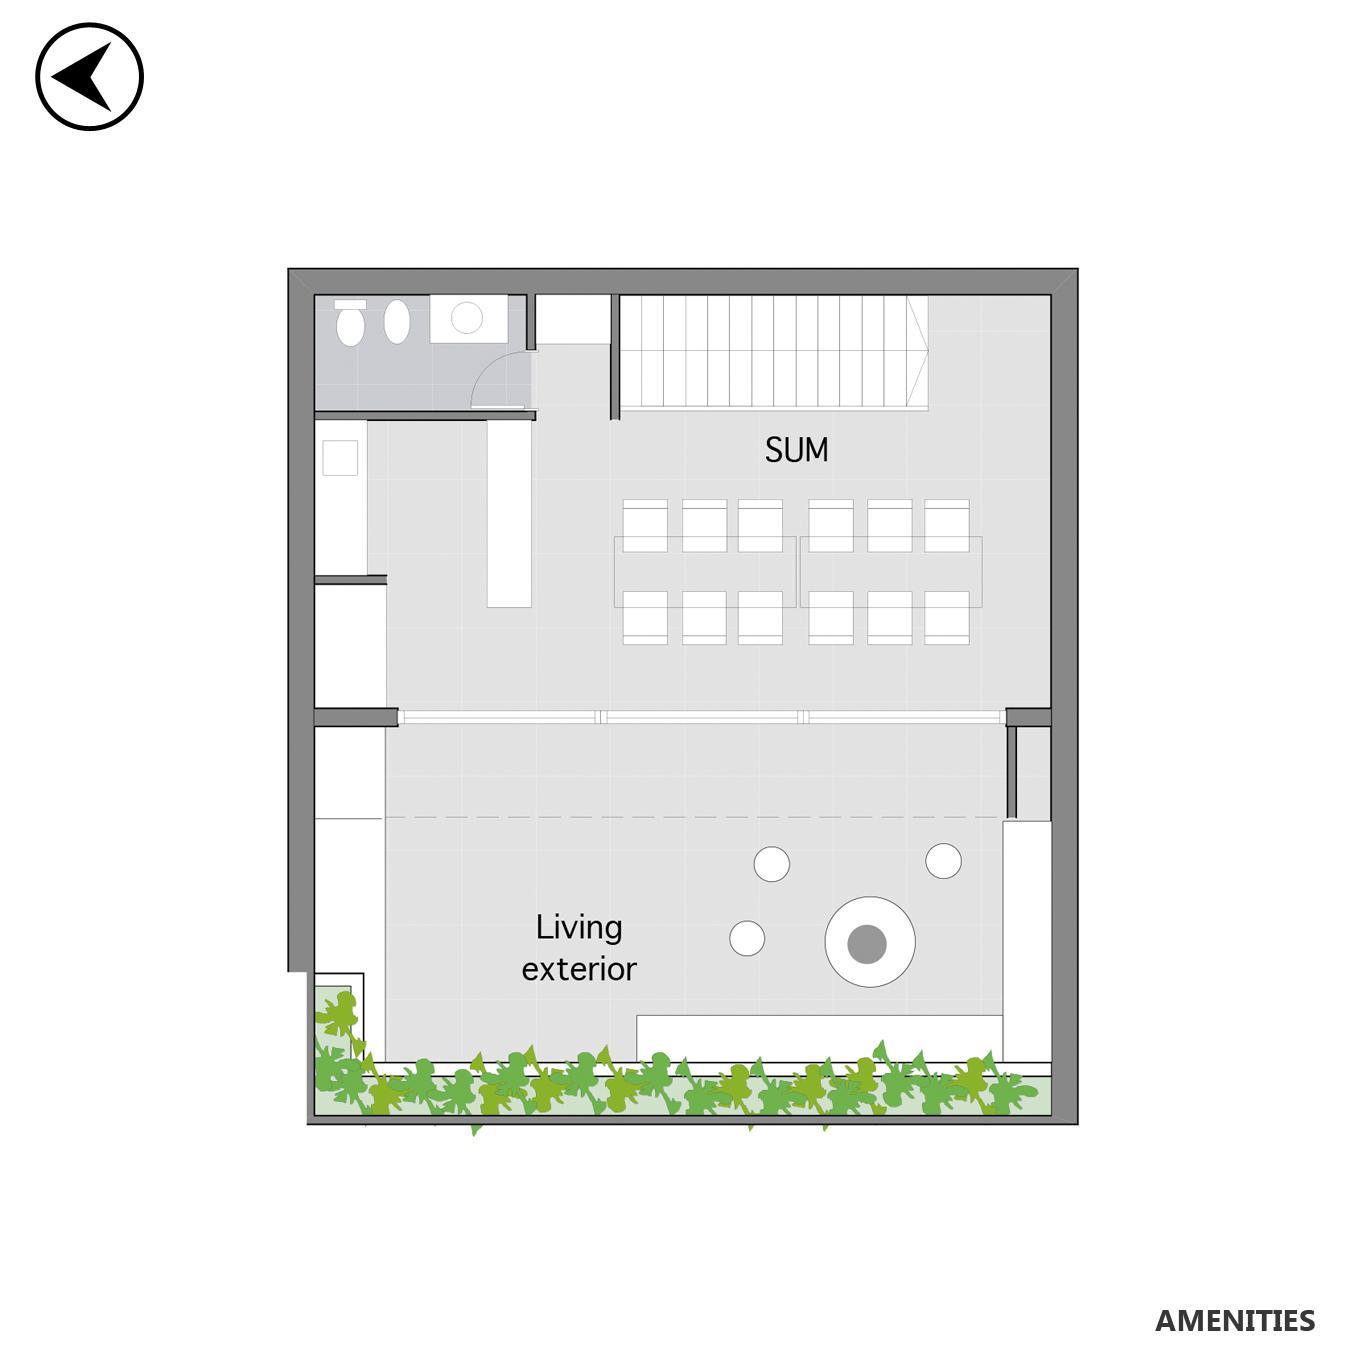 Venta departamento 2 dormitorios Rosario, Martin. Cod CBU24537 AP2284863. Crestale Propiedades